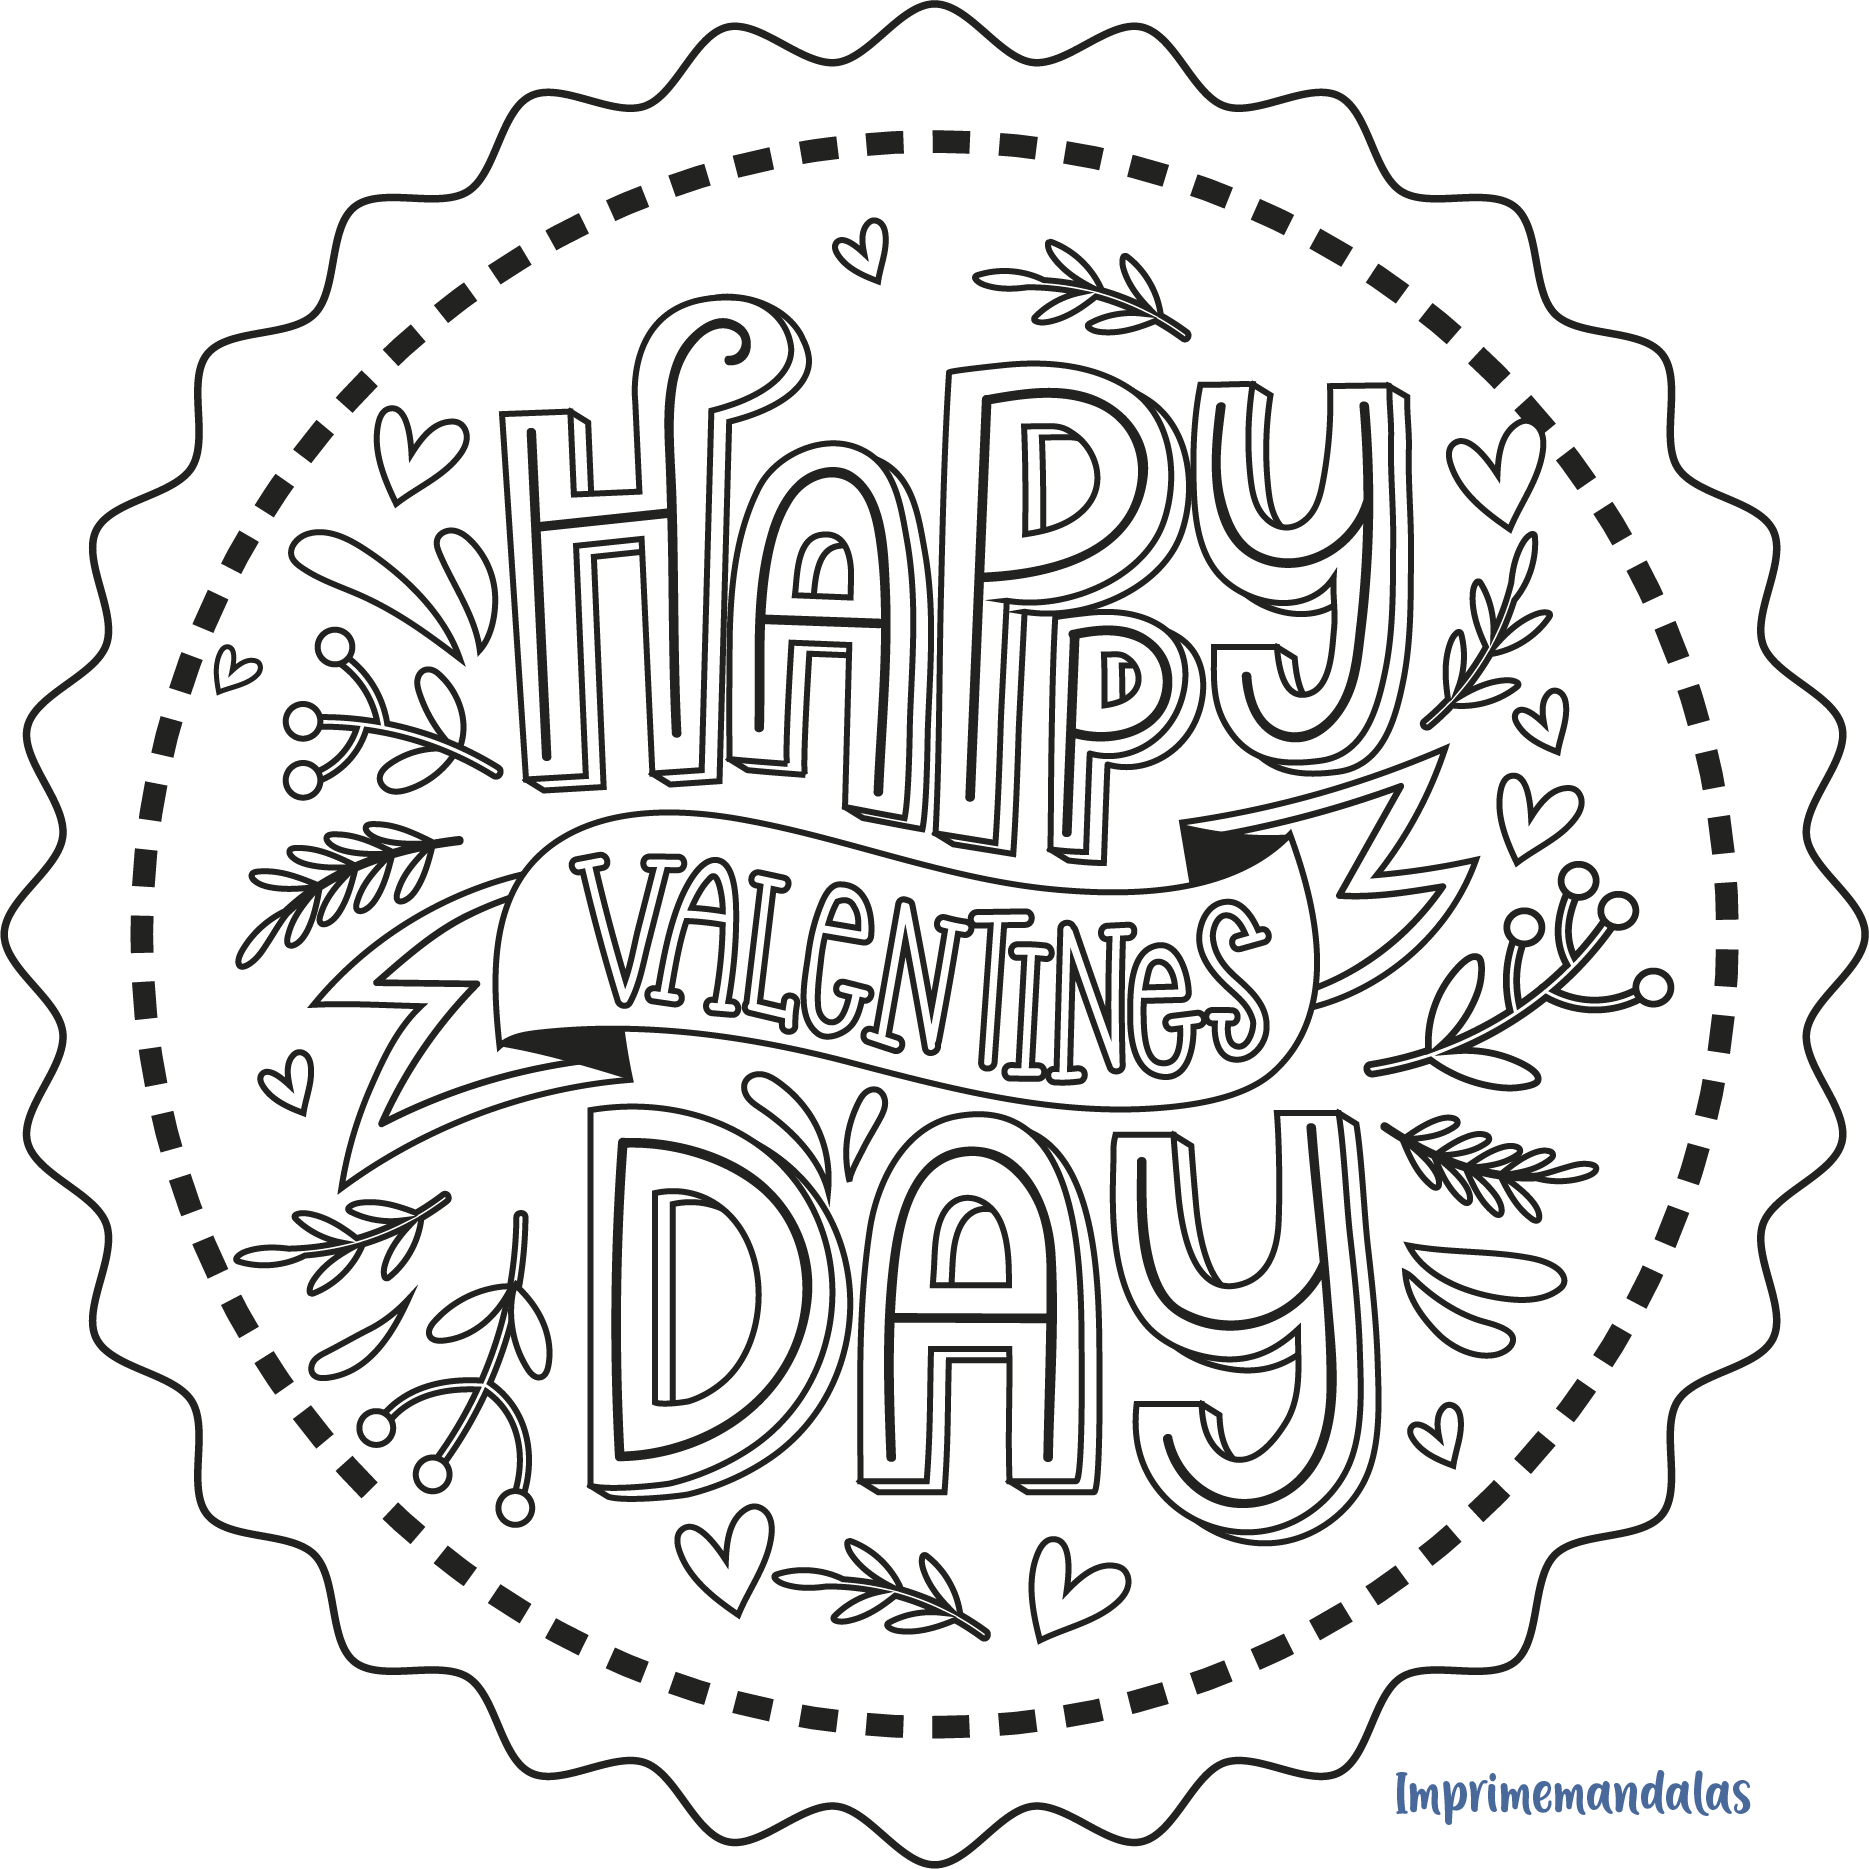 Mandala de Día de San Valentín 04 en 2020 | Día de san valentin, Mandalas,  Mandalas para niños